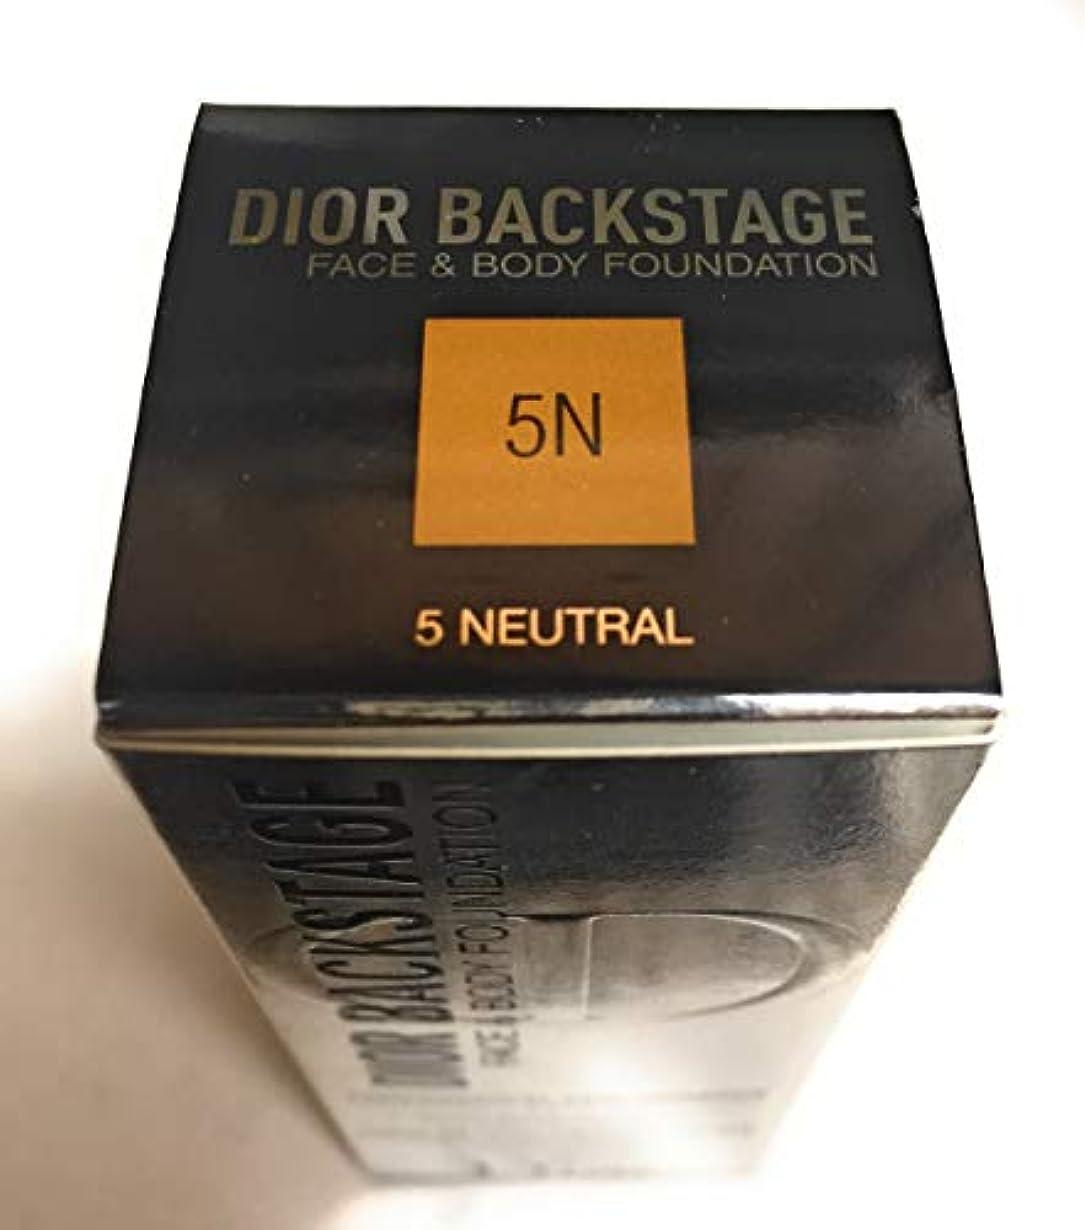 一貫したユニークな娯楽ディオール ディオールバックステージフェイス&ボディファンデーション # 5N (5 Neutral)